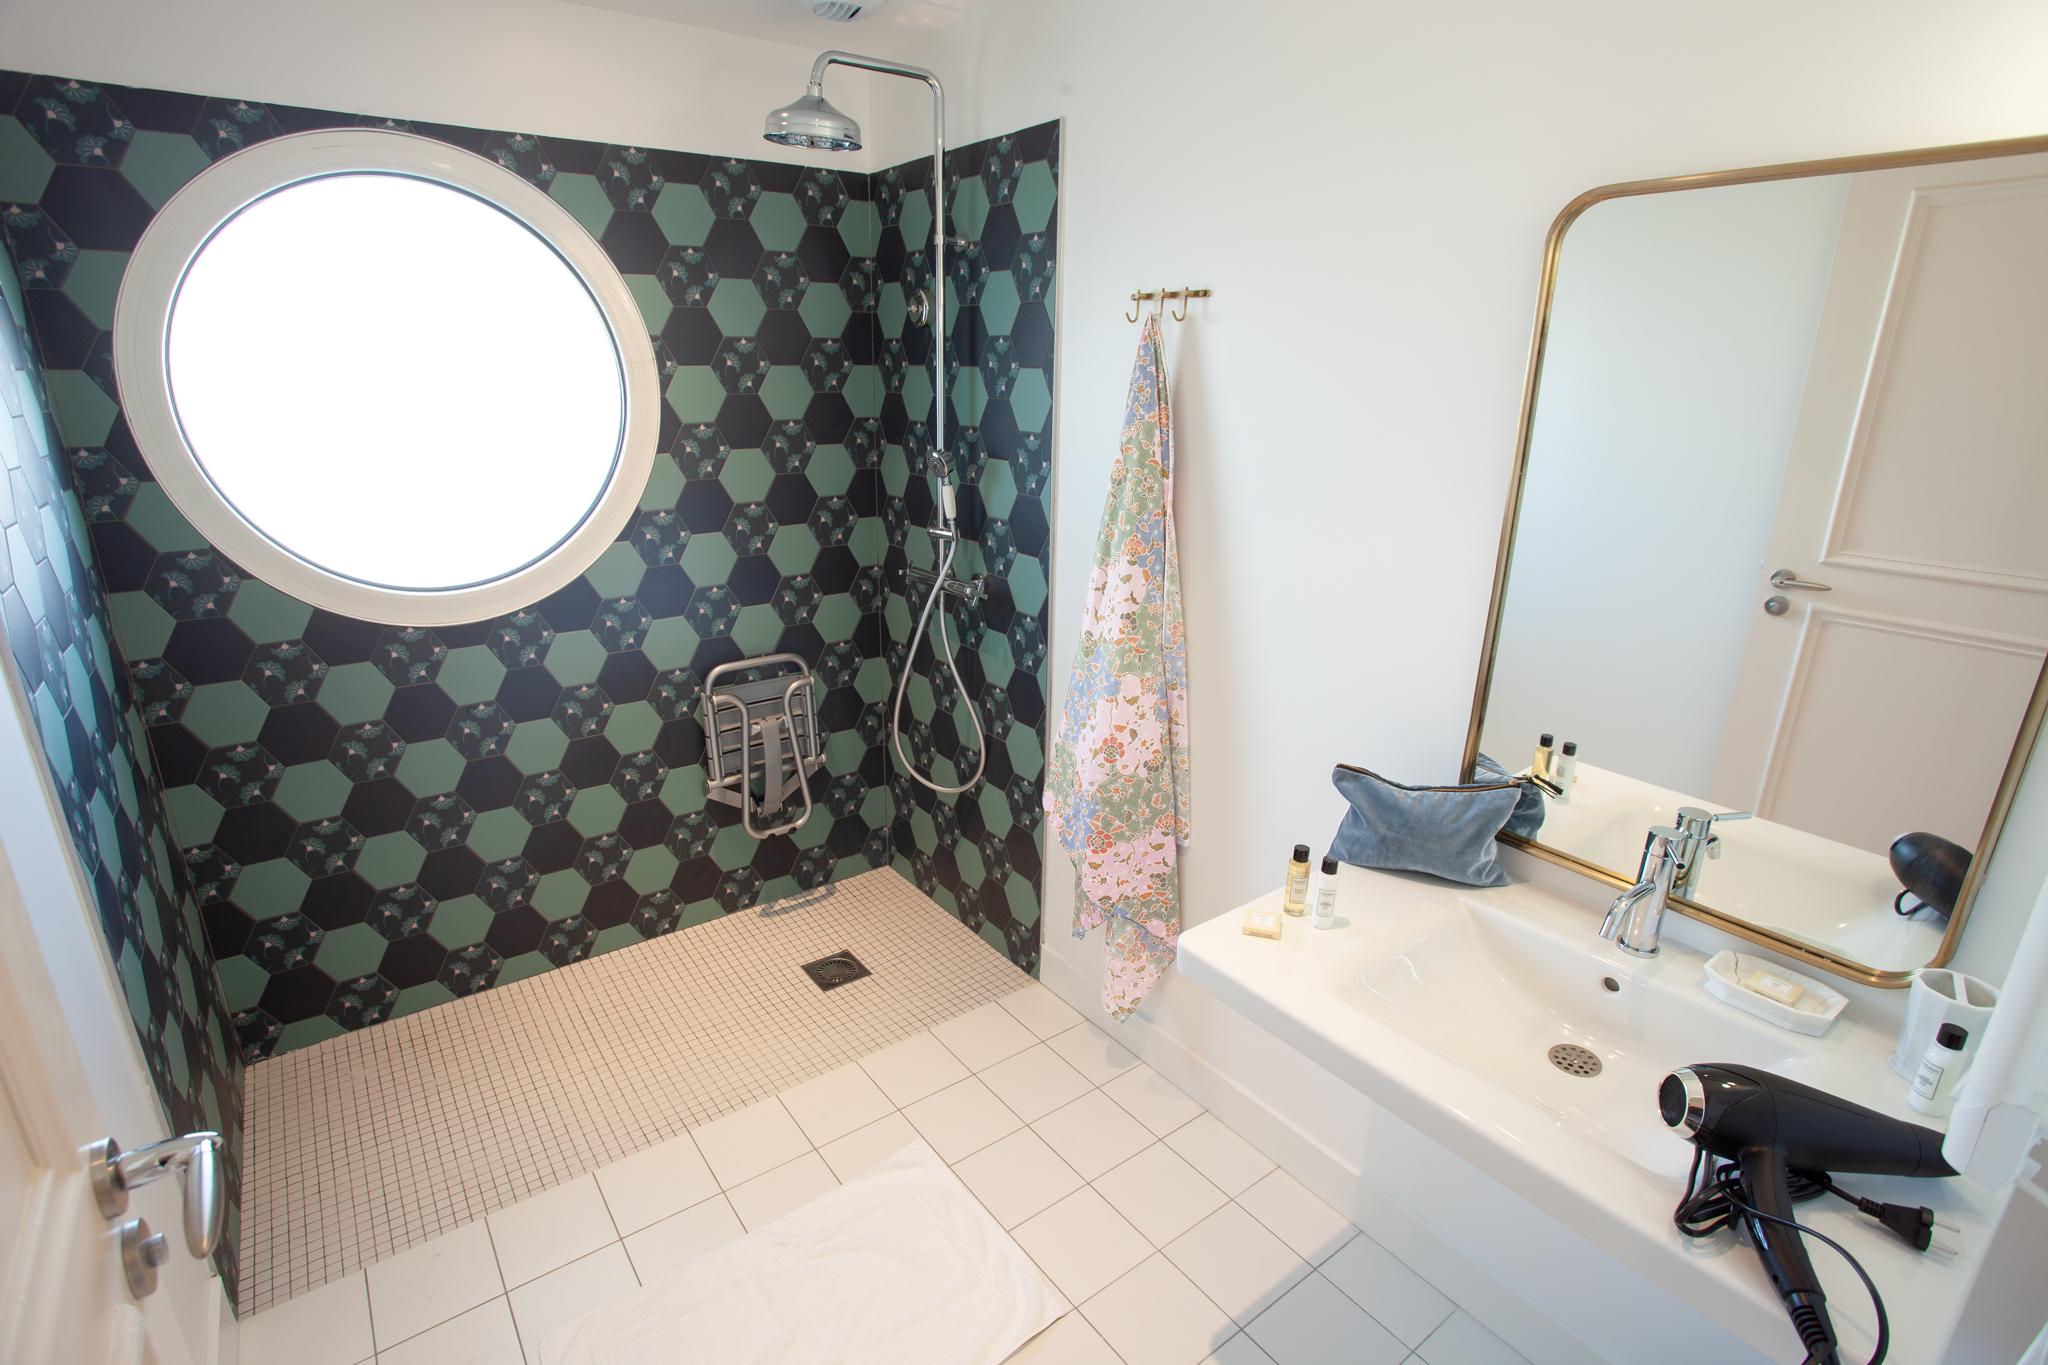 salle d'eau du 3 pièces côté jardin, appartement PMR (Personne à Mobilité Réduite)